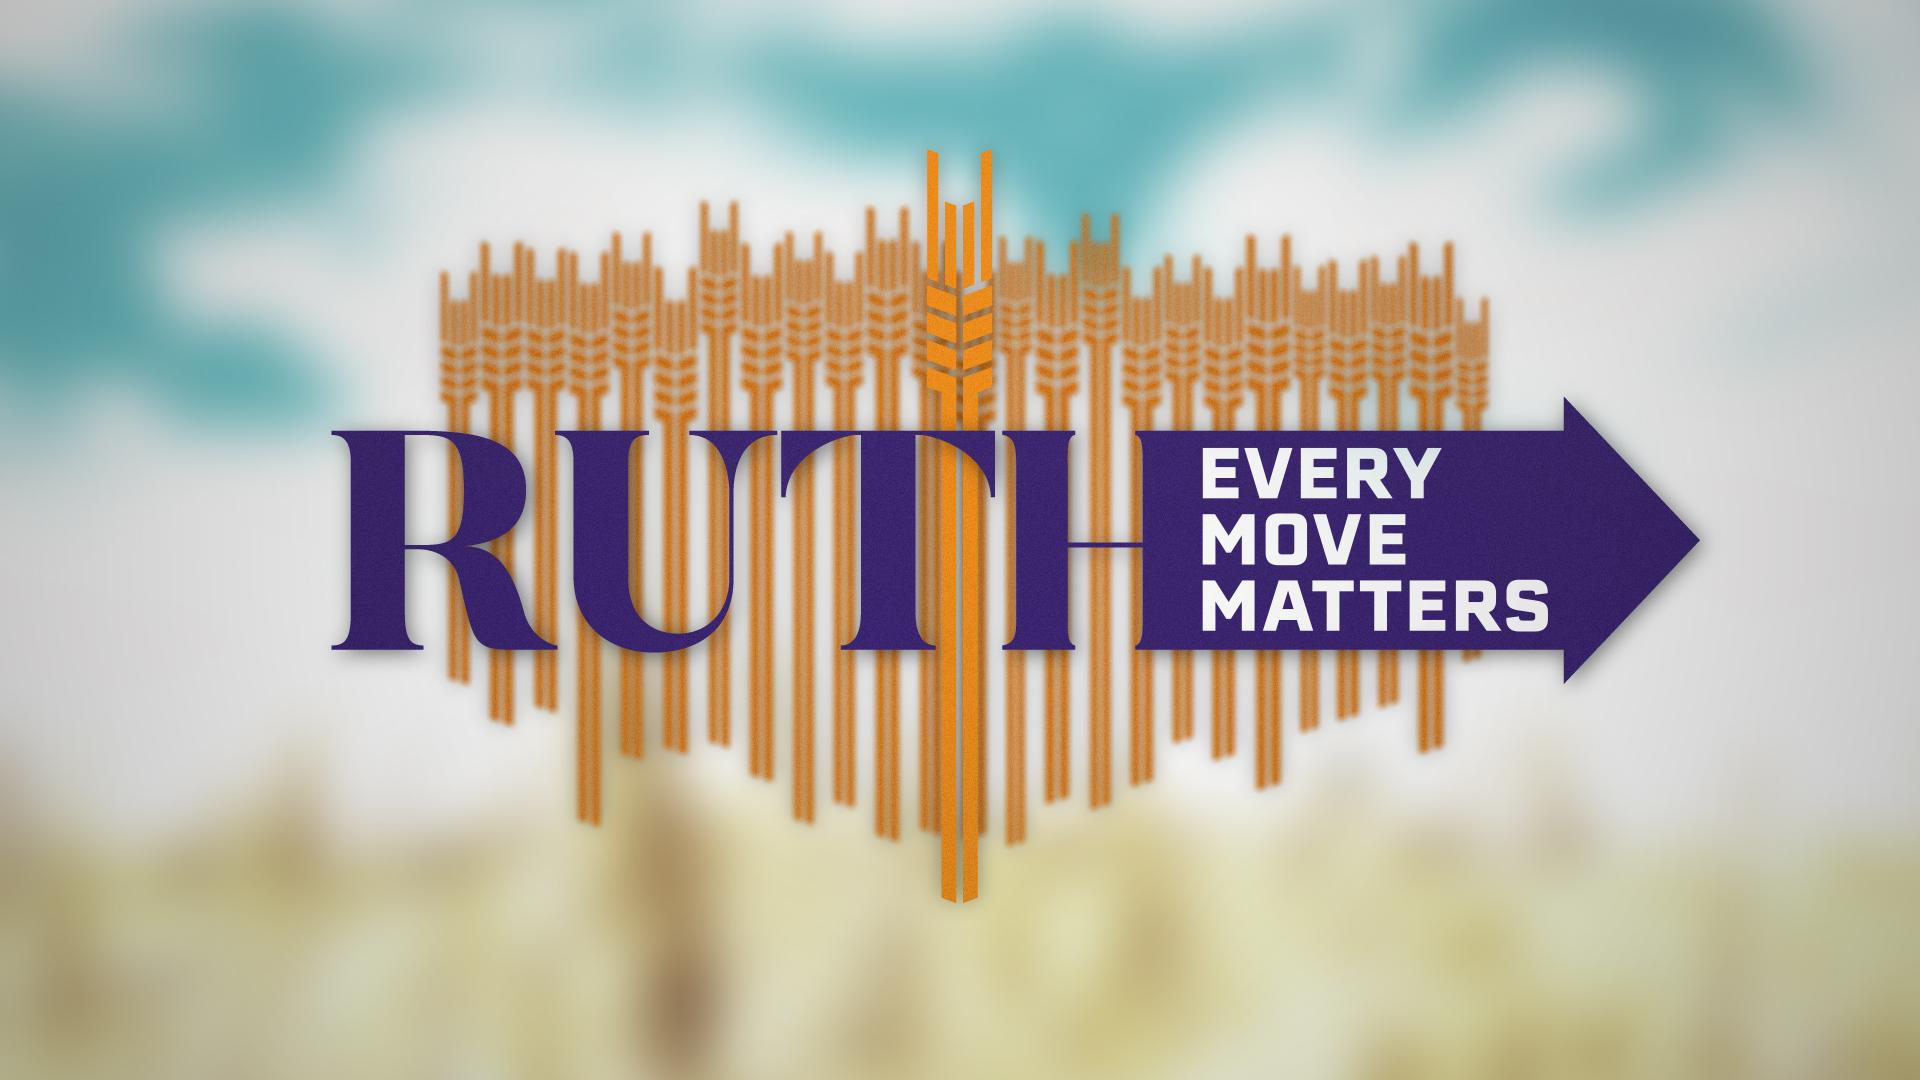 RUTH-Slide.jpg